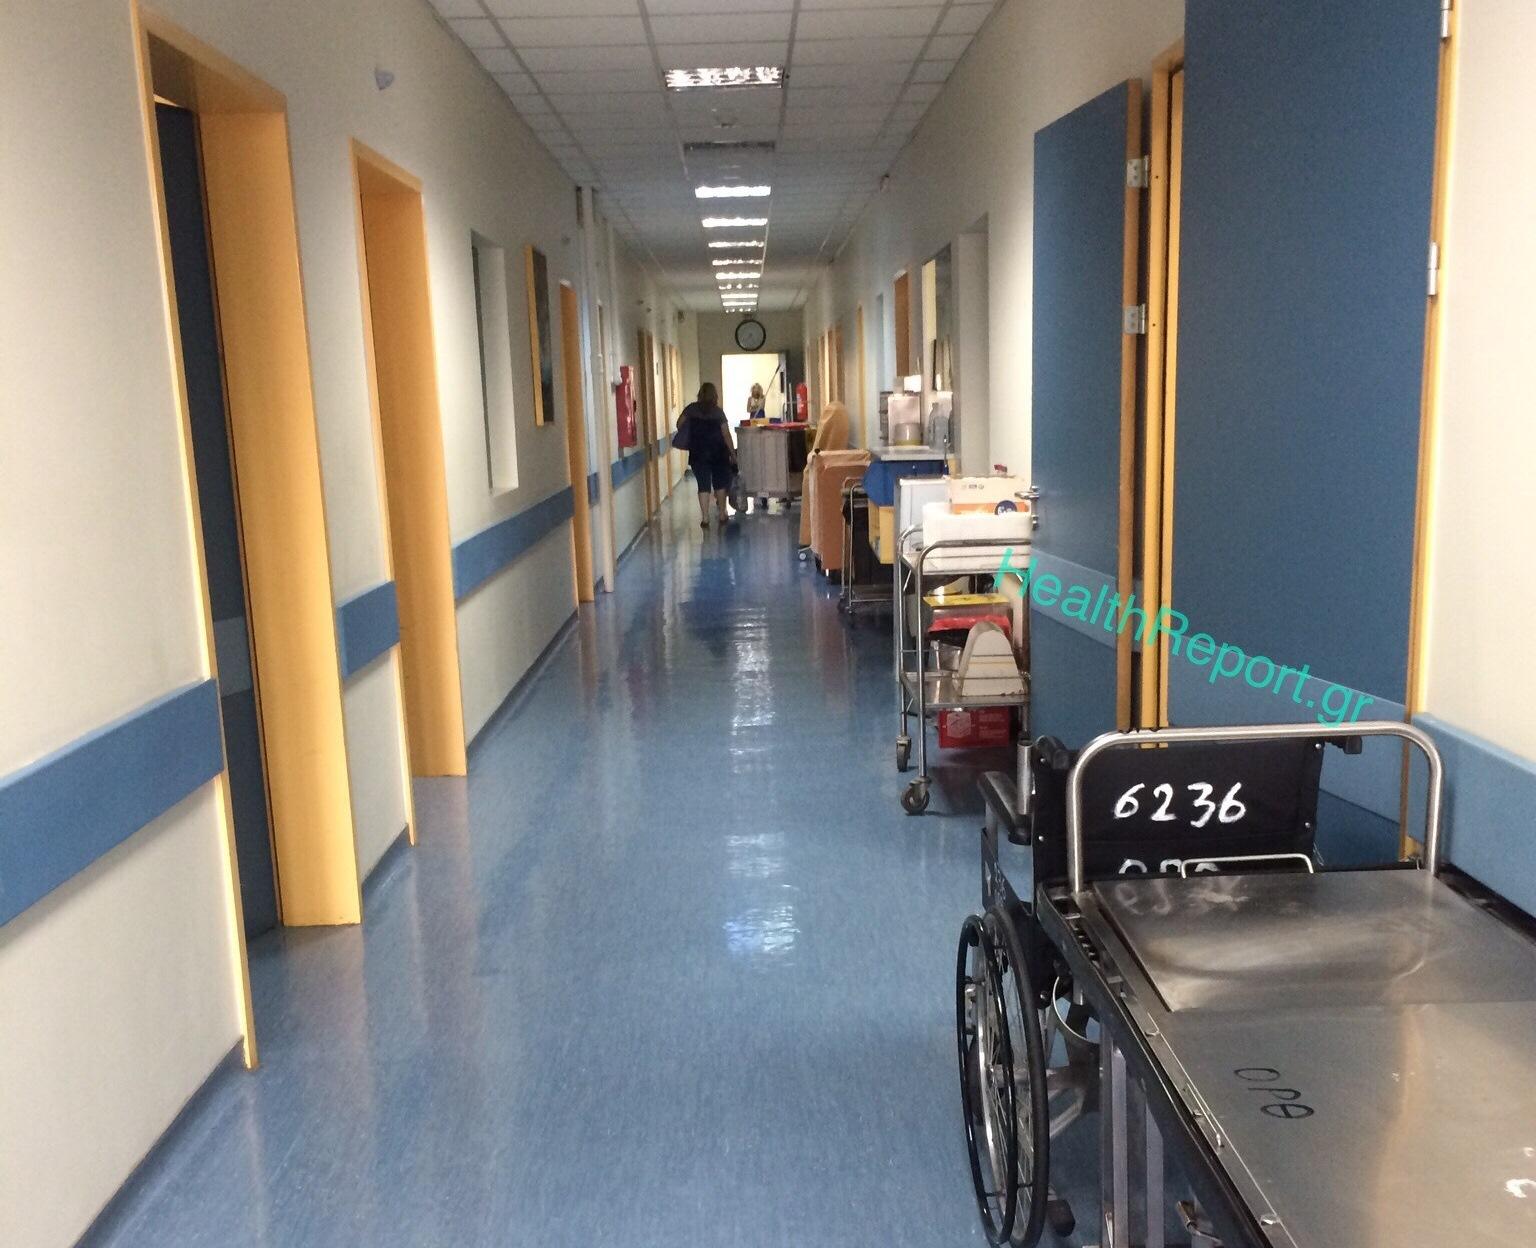 Σε ασφυξία τα νοσοκομεία! Πόσα χρήματα θα χάσουν το 2016